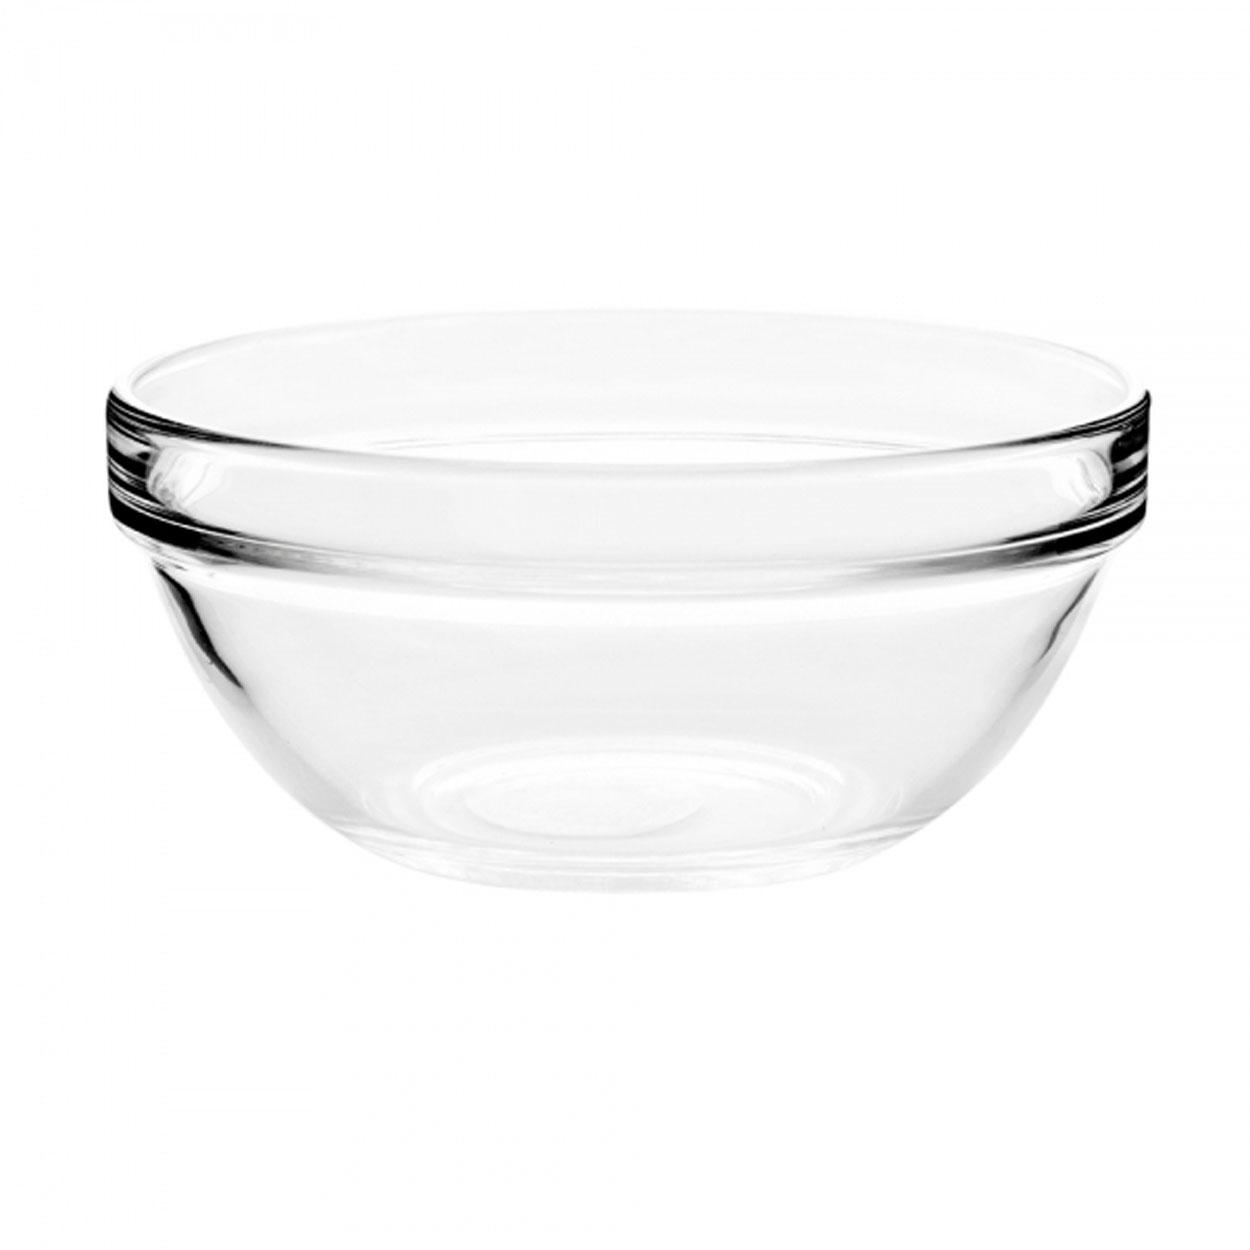 Салатник Luminarc, цвет: прозрачный, диаметр 17 смJ0053Салатник Luminarc, диаметром 17 см, подойдет любителям простых и удобных вещей. Он предназначен для подачи и хранения салатов, холодных закусок и десертов. Прозрачный салатник классической формы из ударопрочного стекла впишется в интерьер любой кухни или столовой. Можно мыть в посудомоечной машине.